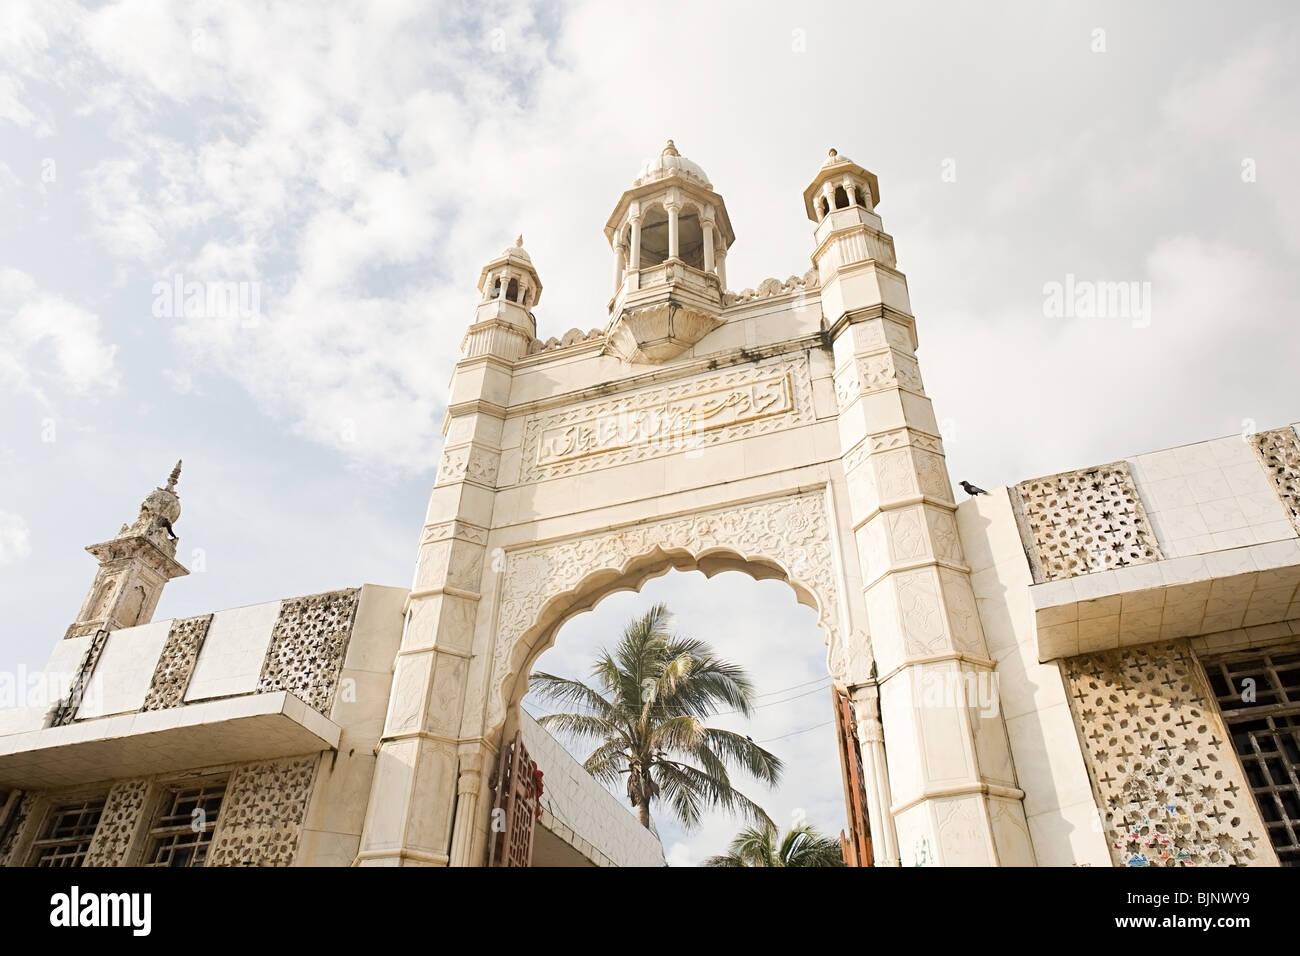 Entrance haji ali dargah - Stock Image